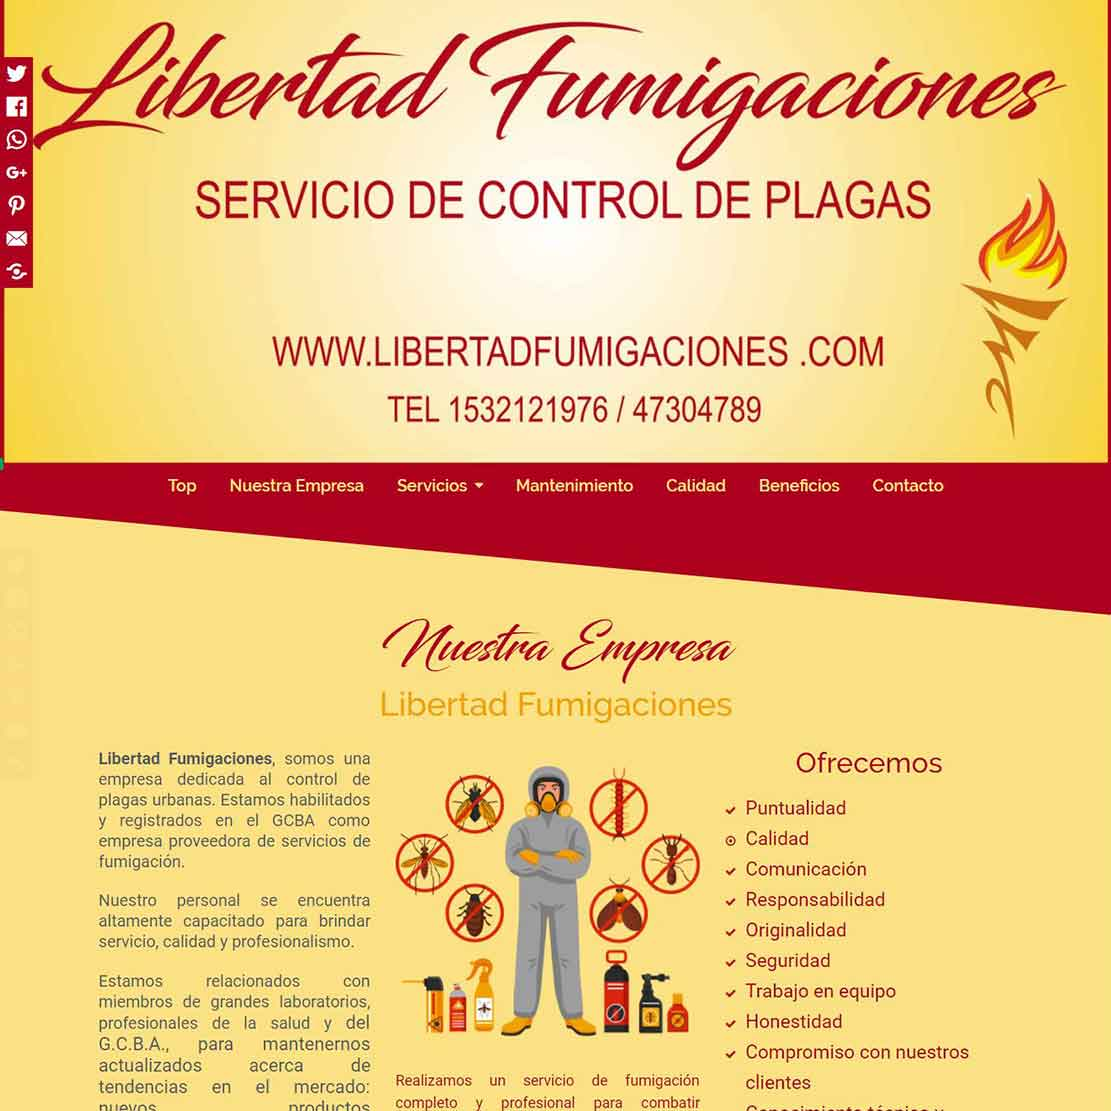 Servicio de control de plagas